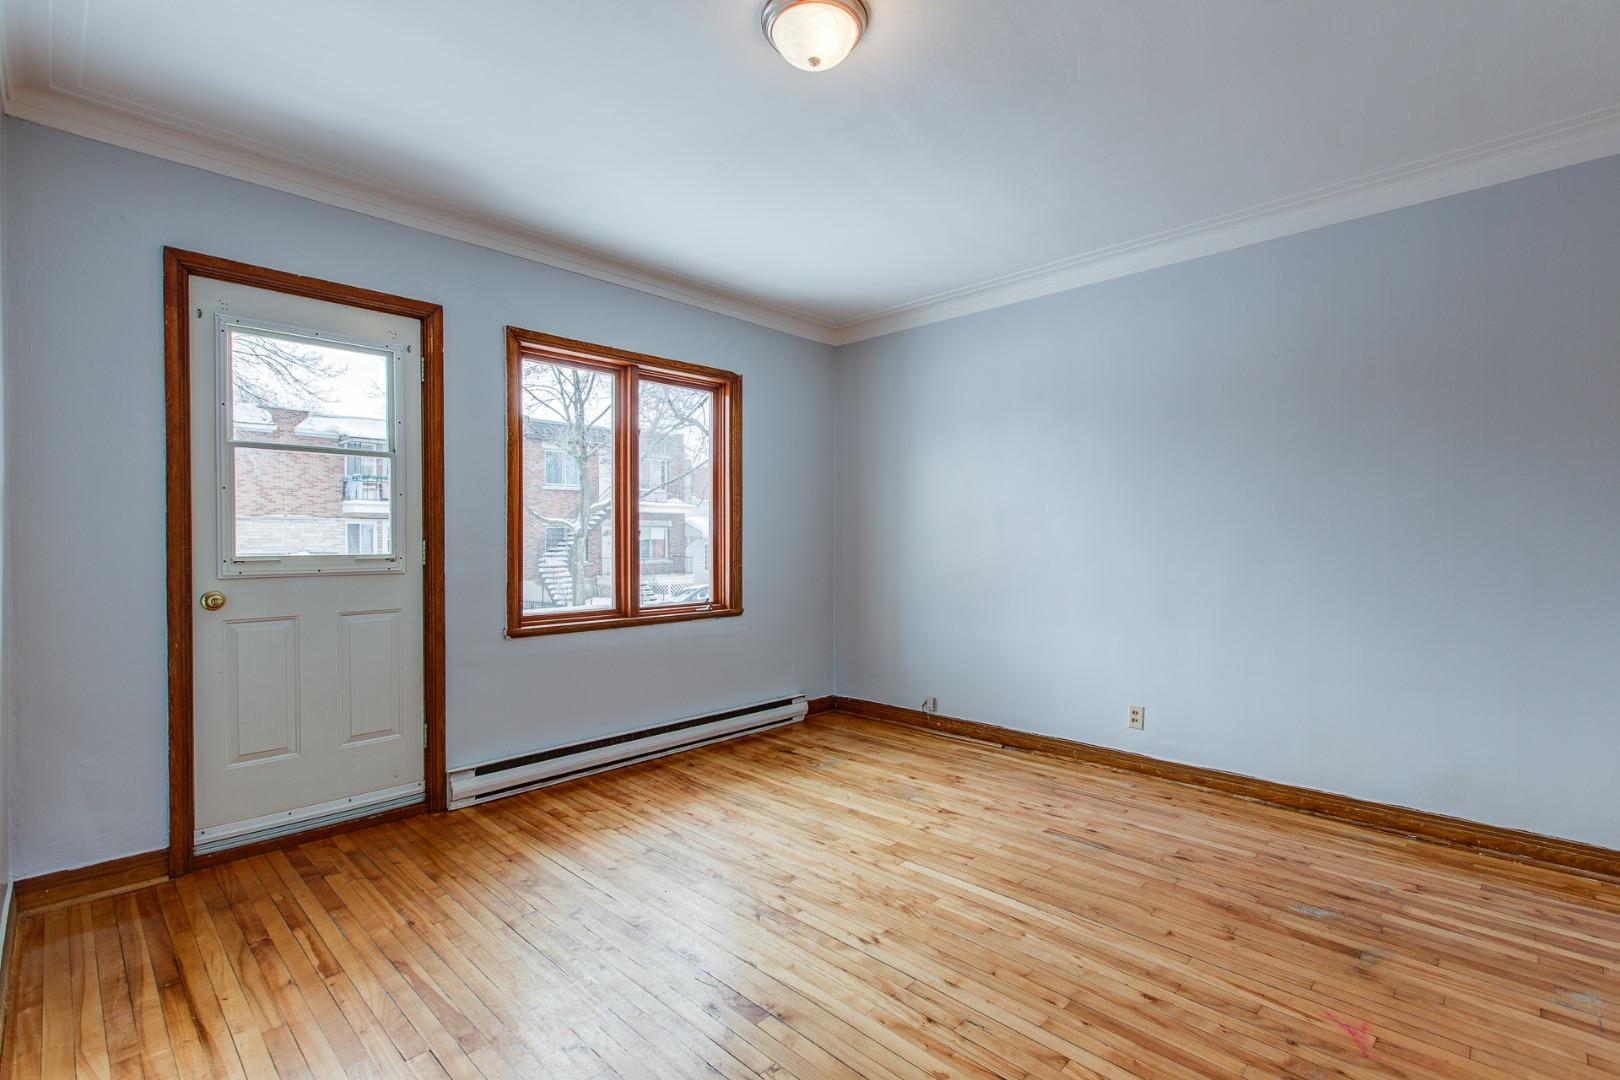 Duplex à vendre Montréal Mercier-Hochelaga-Maisonneuve - Salon